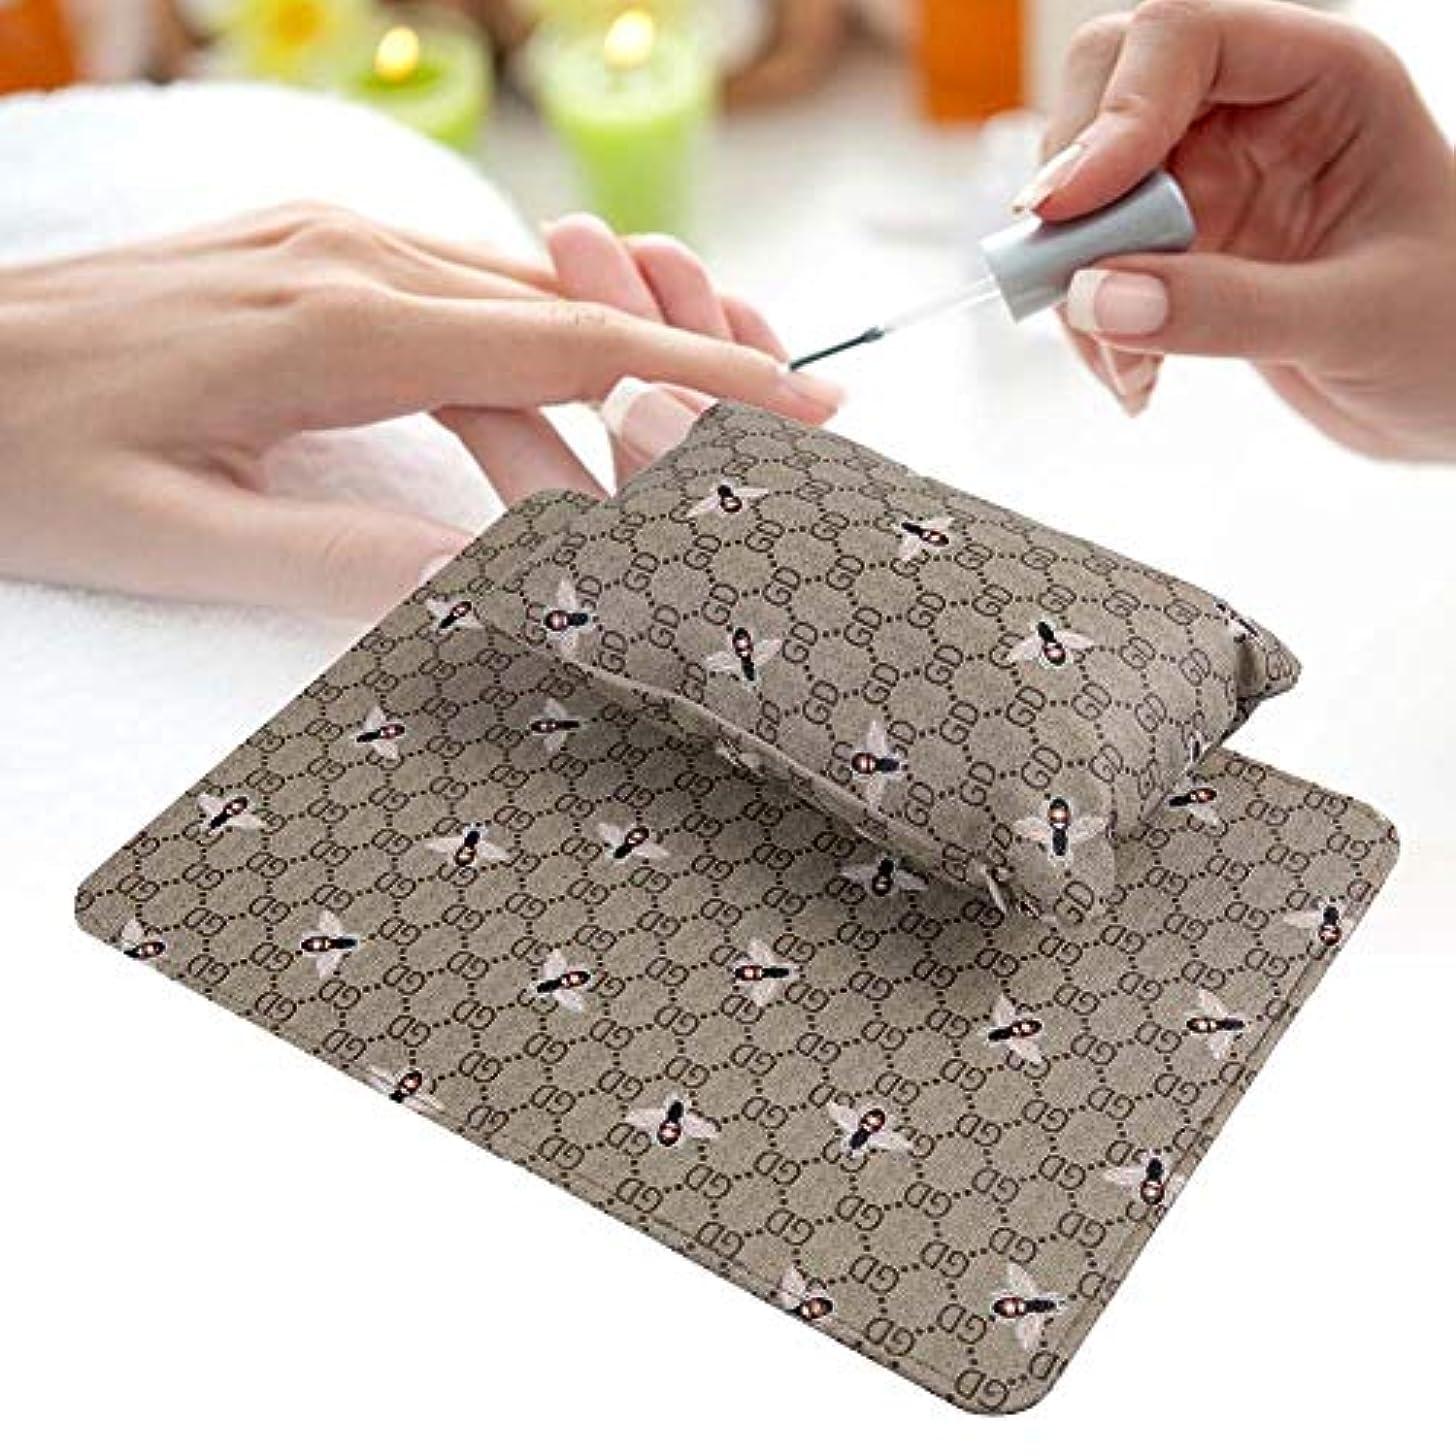 実業家怒りドナー折りたたみ マニキュアテーブル付き 洗える ハンドレスト枕 ソフト PUレザー/取り外し可能 (オリーブグリーン)